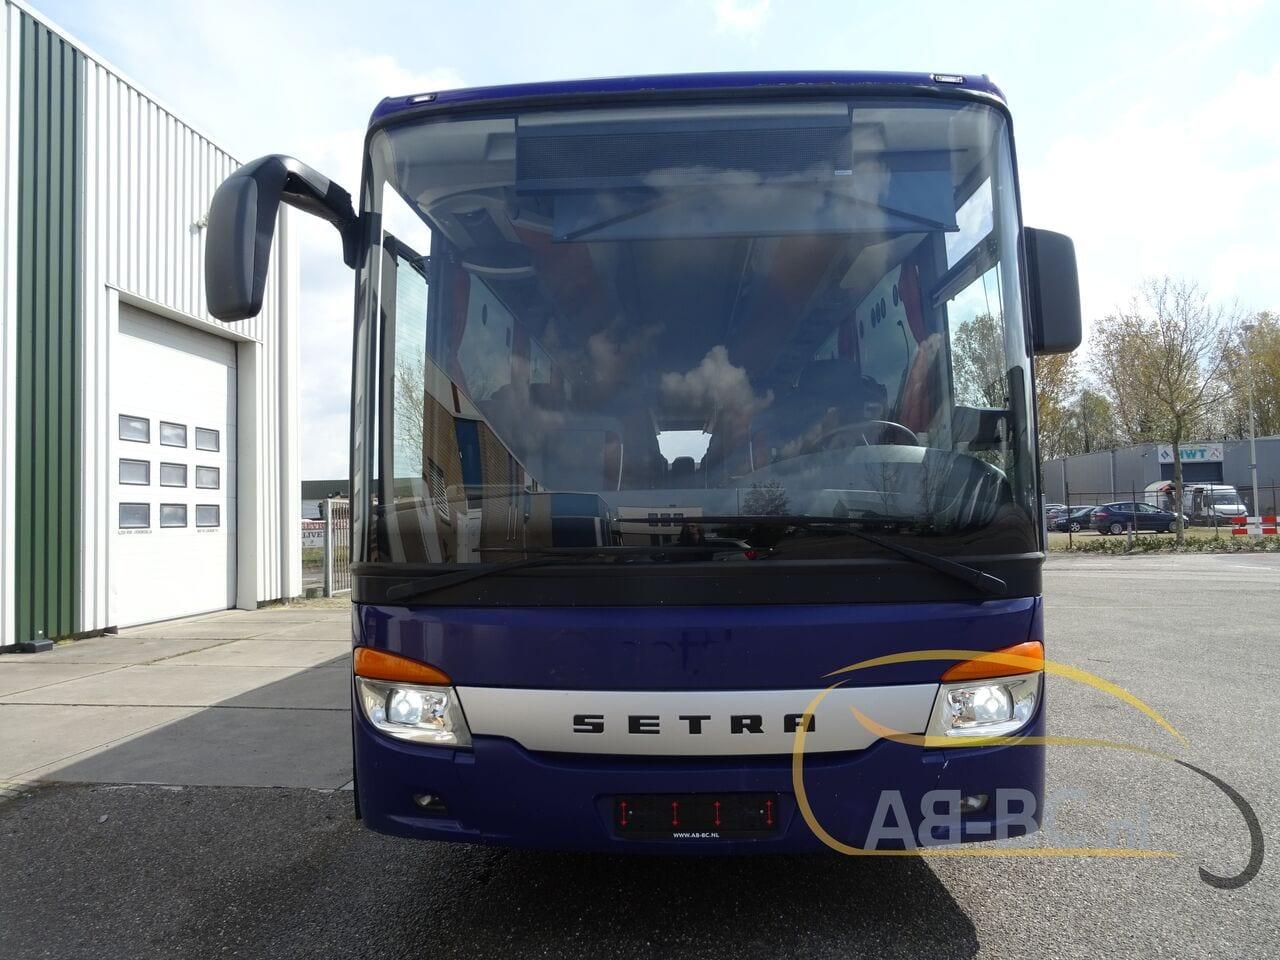 coach-busSETRA-S416H-48-SEATS-LIFTBUS---1620309640645829369_big_d16c1c5b77b9d5102e037be0f09e6b71--21050616581387095000